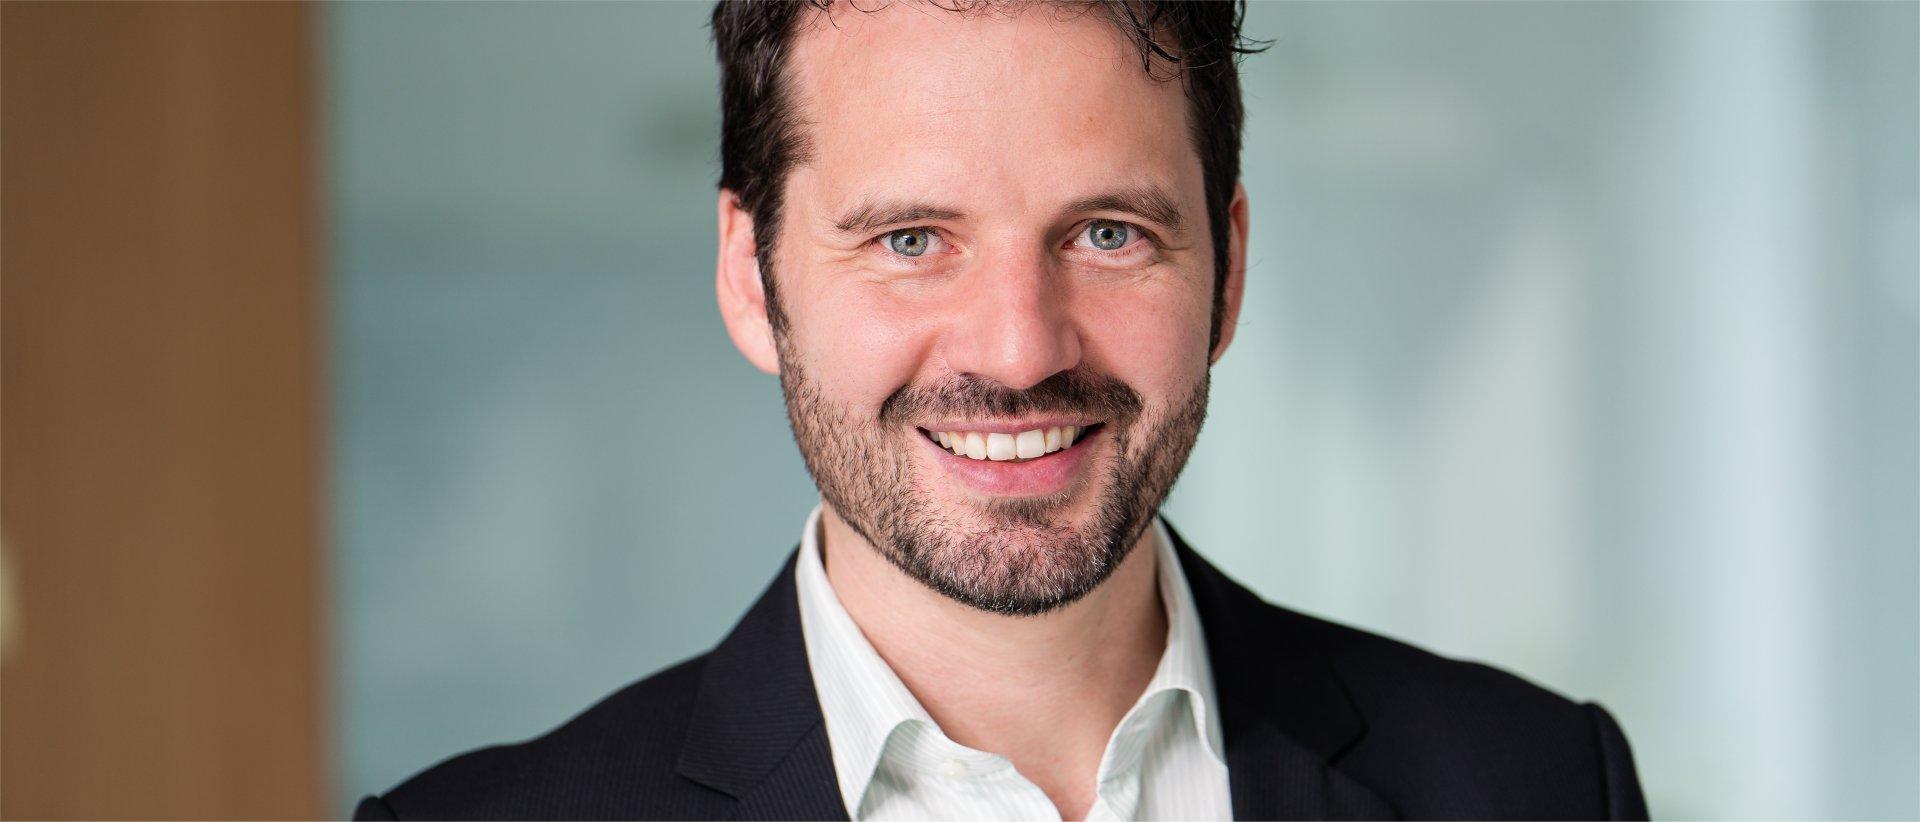 Markus Stadler